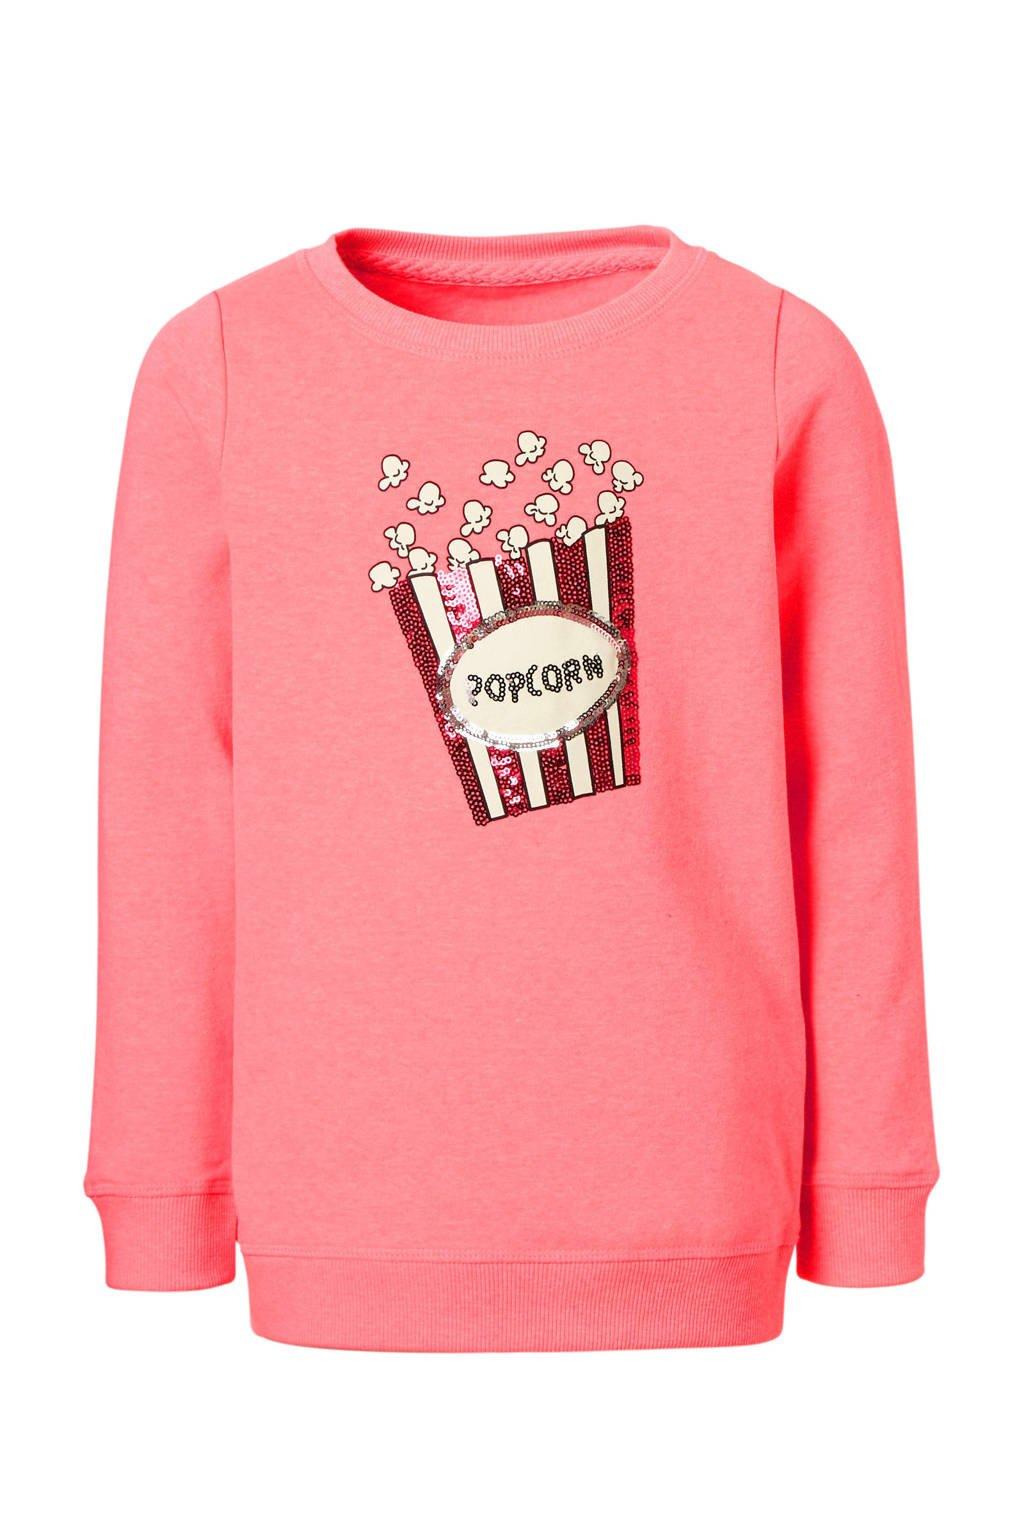 KIDS ONLY sweater Sound met pailetten, Neonroze